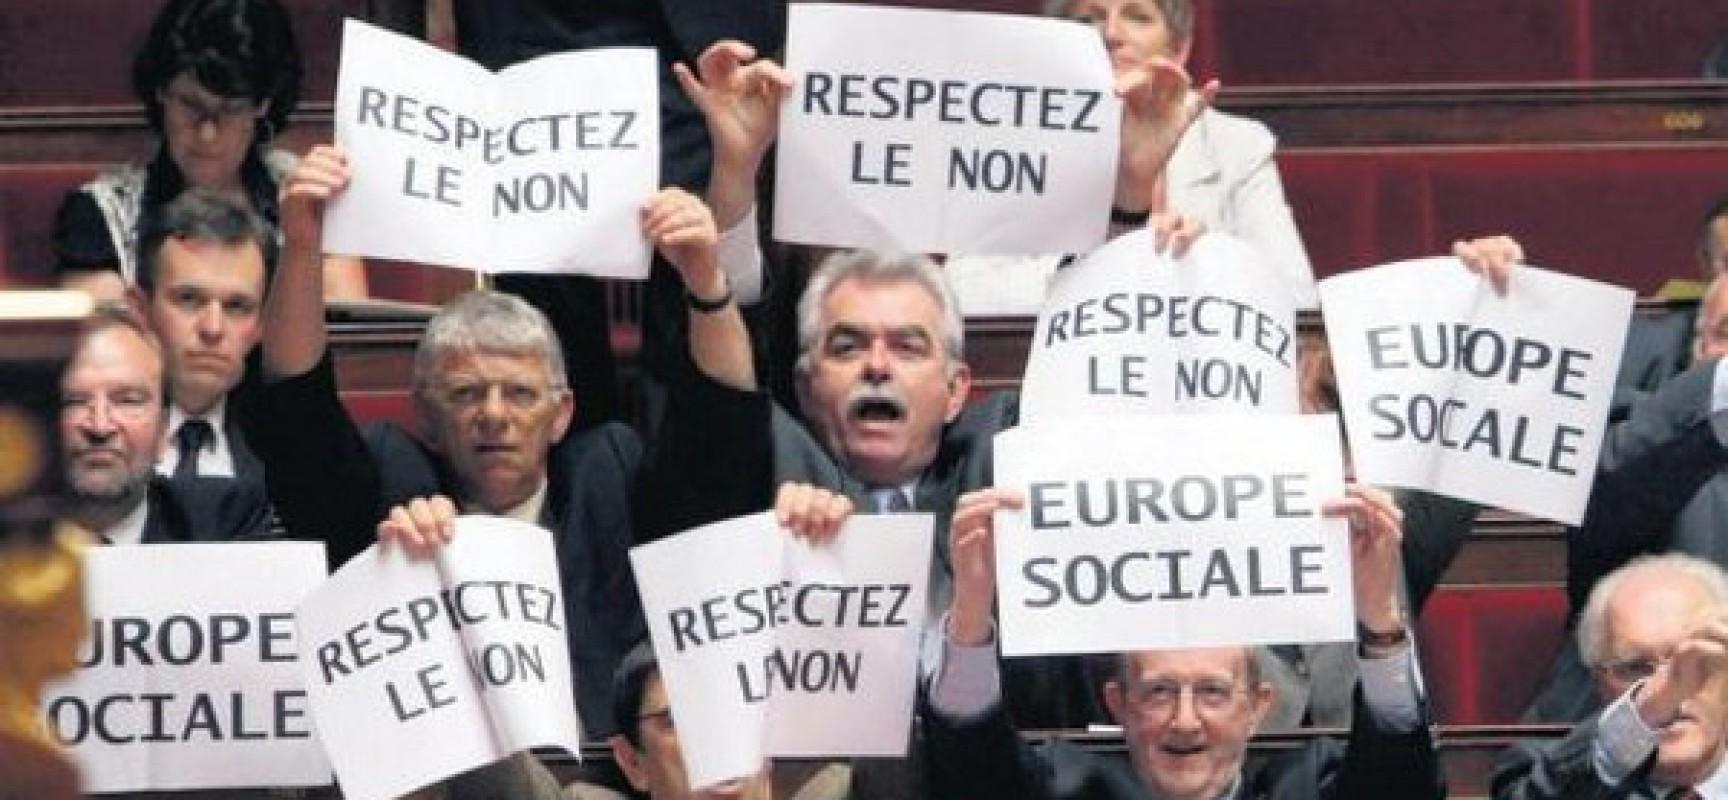 Une révolution a eu lieu au cœur de l'Europe